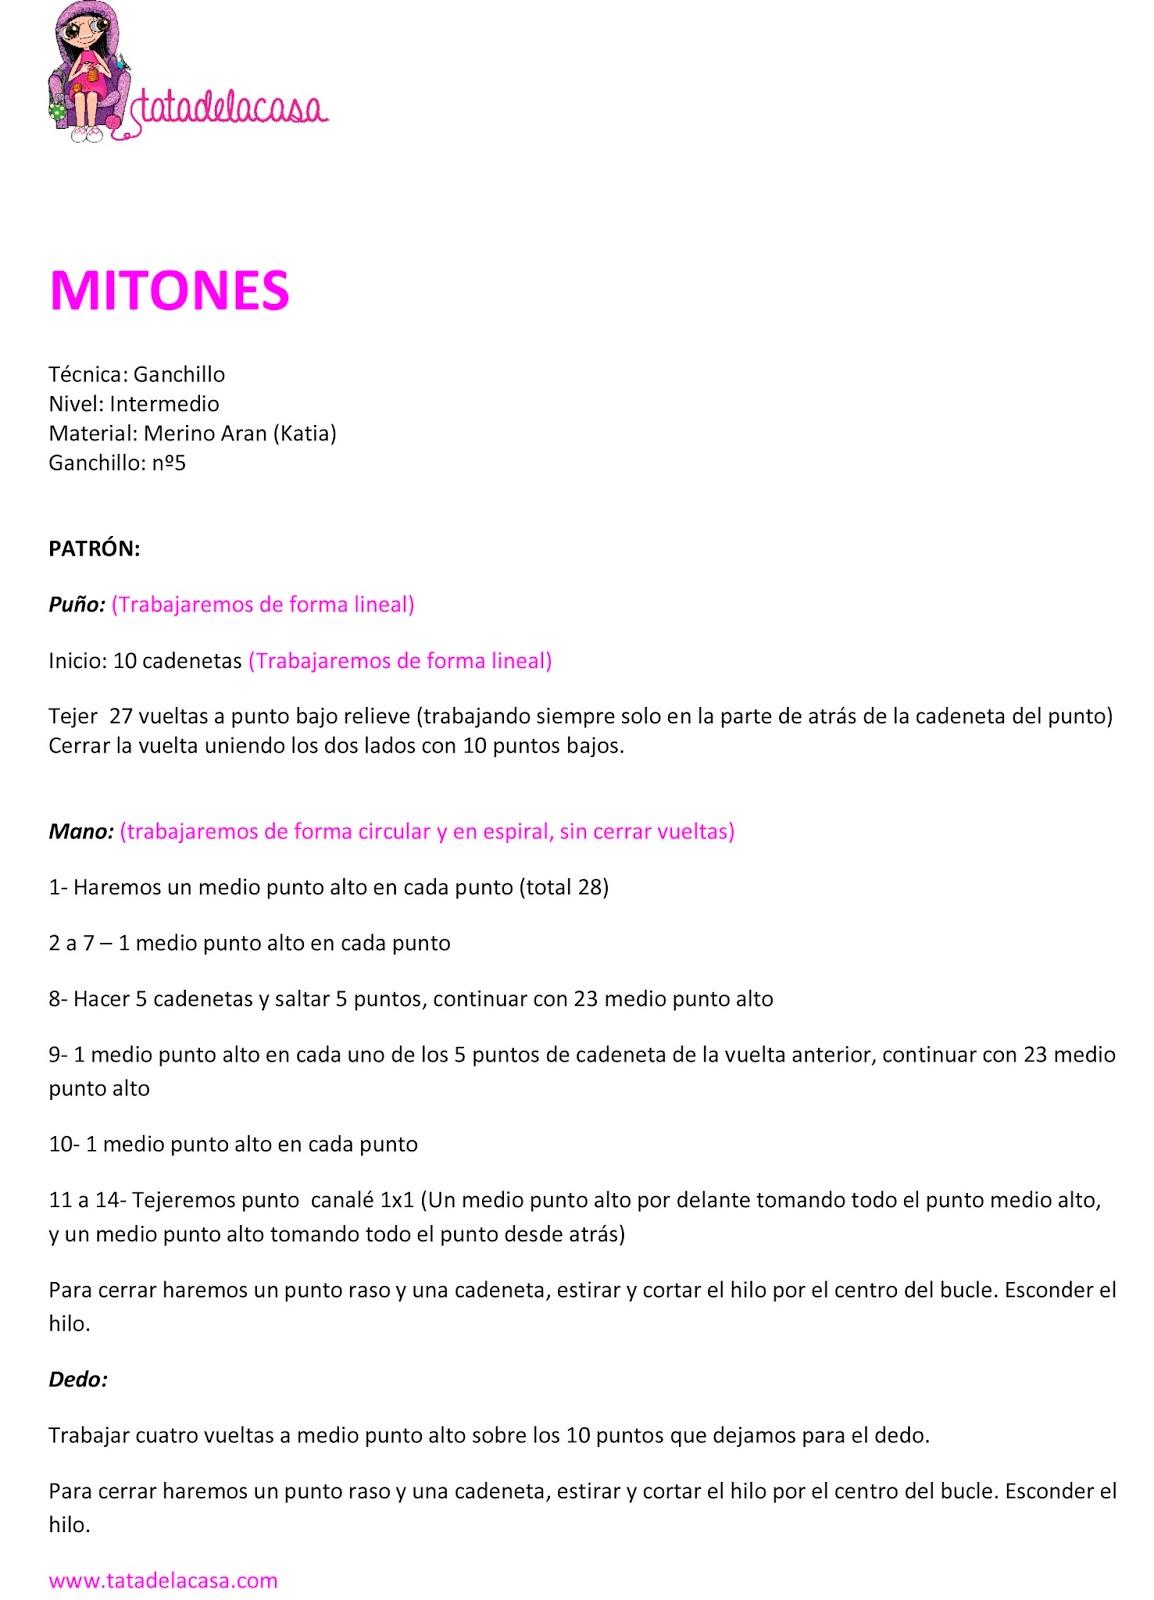 Tatadelacasa: Mitones de ganchillo (Patrón)